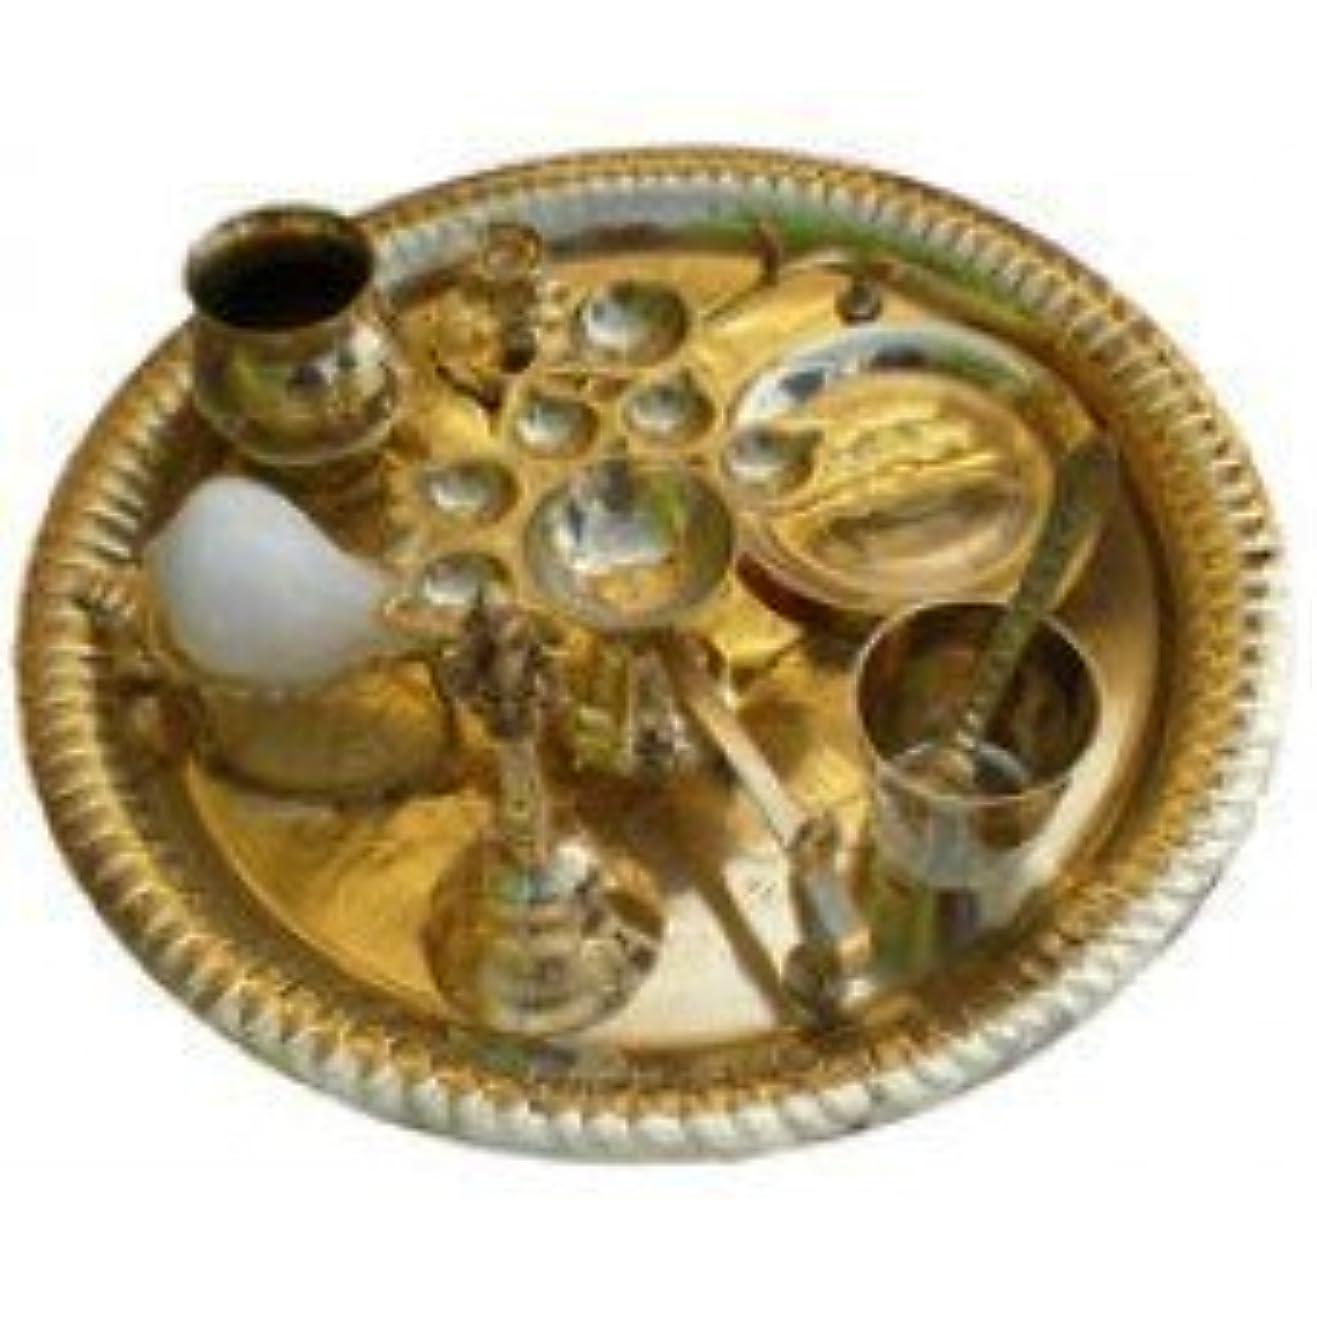 事務所途方もない明らかにするAarti Set (tray with Bell, Incense Holder, Flower Tray, Conch, Ghee Lamps)